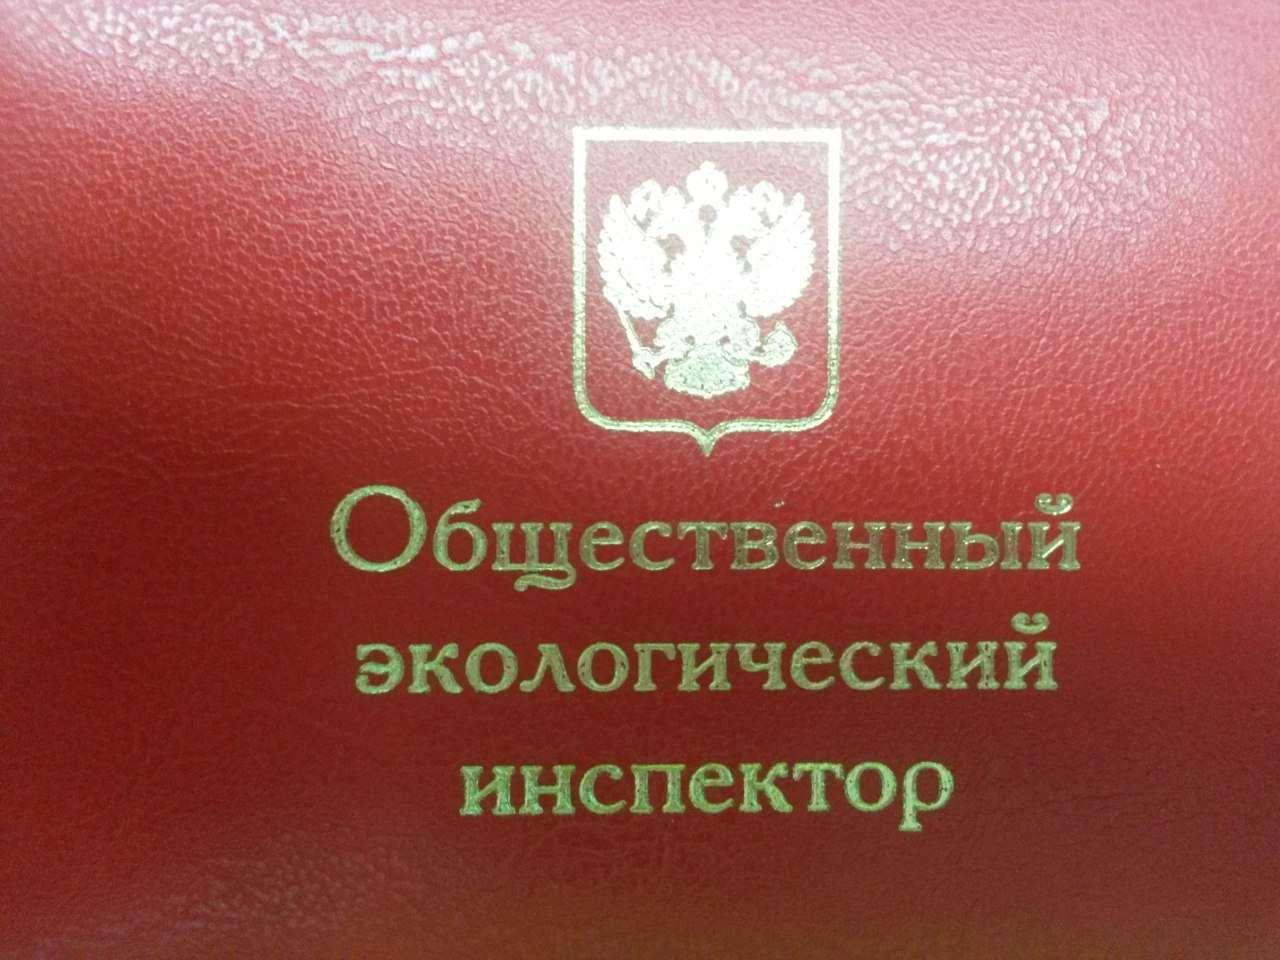 Общественная инспекция по охране природы создается в России